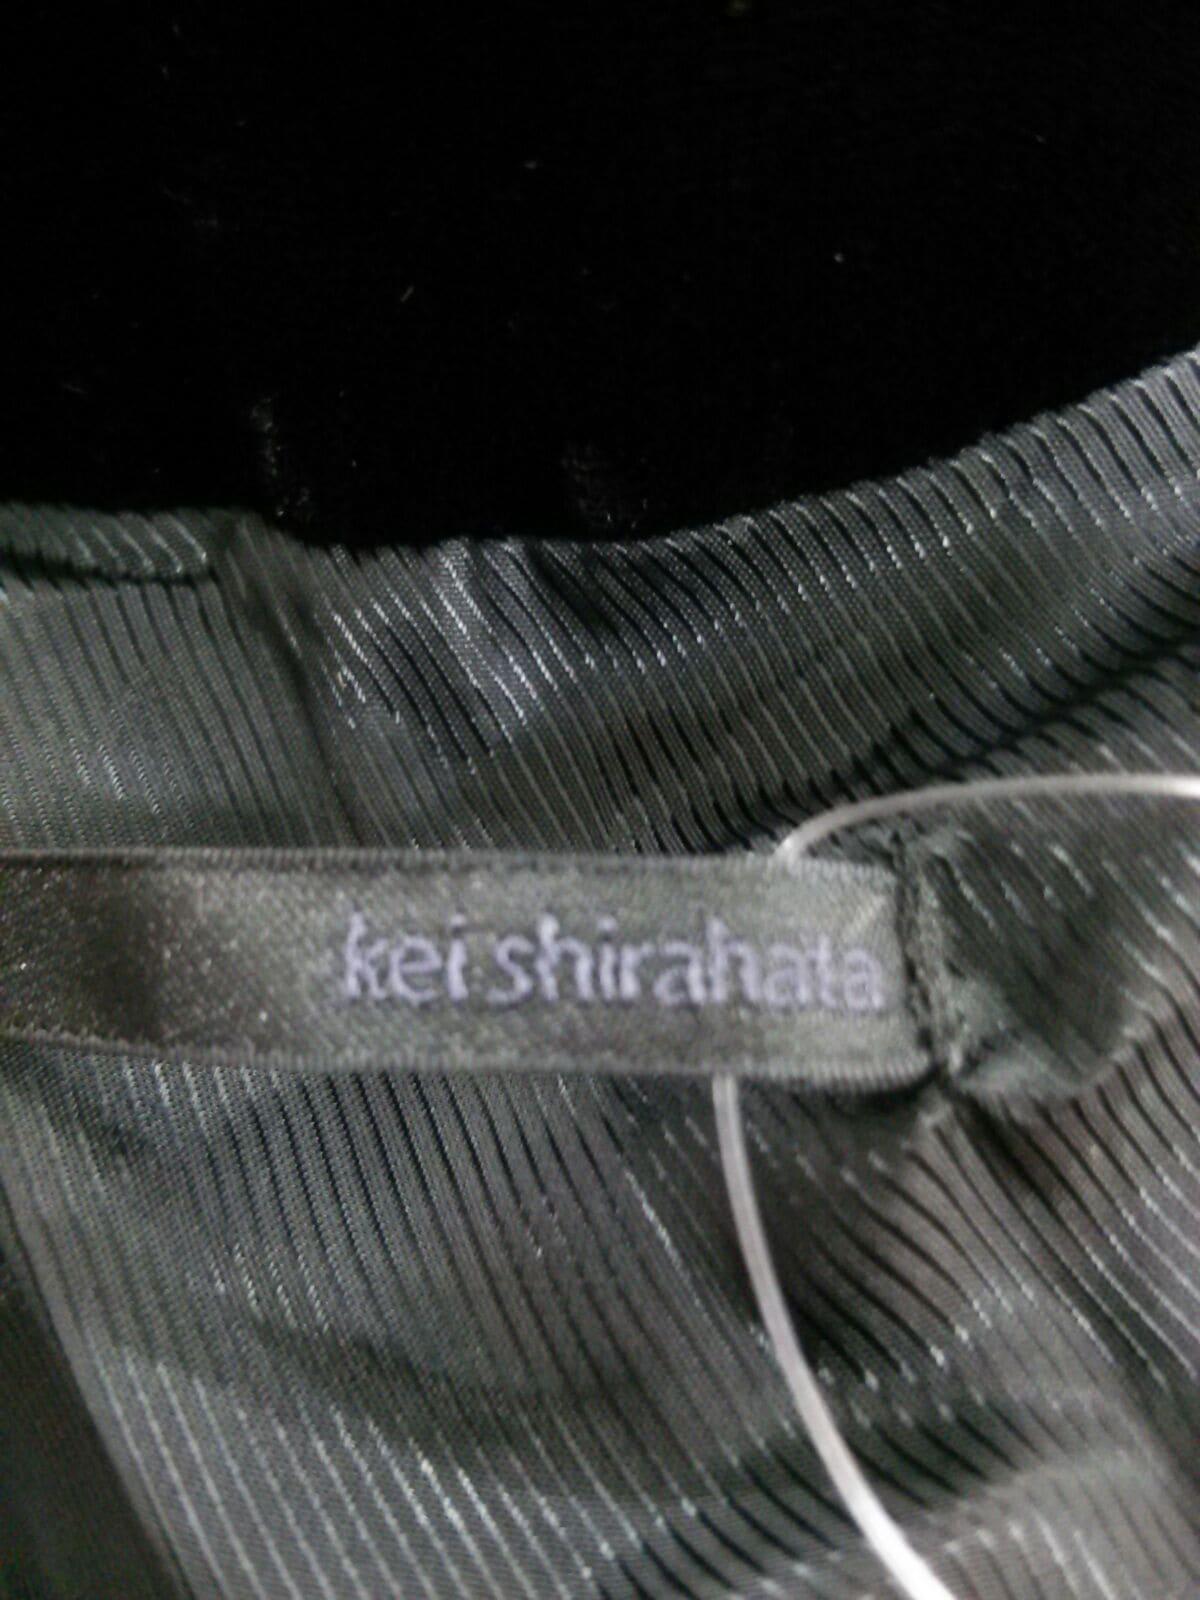 kei shirahata(ケイ シラハタ)のコート